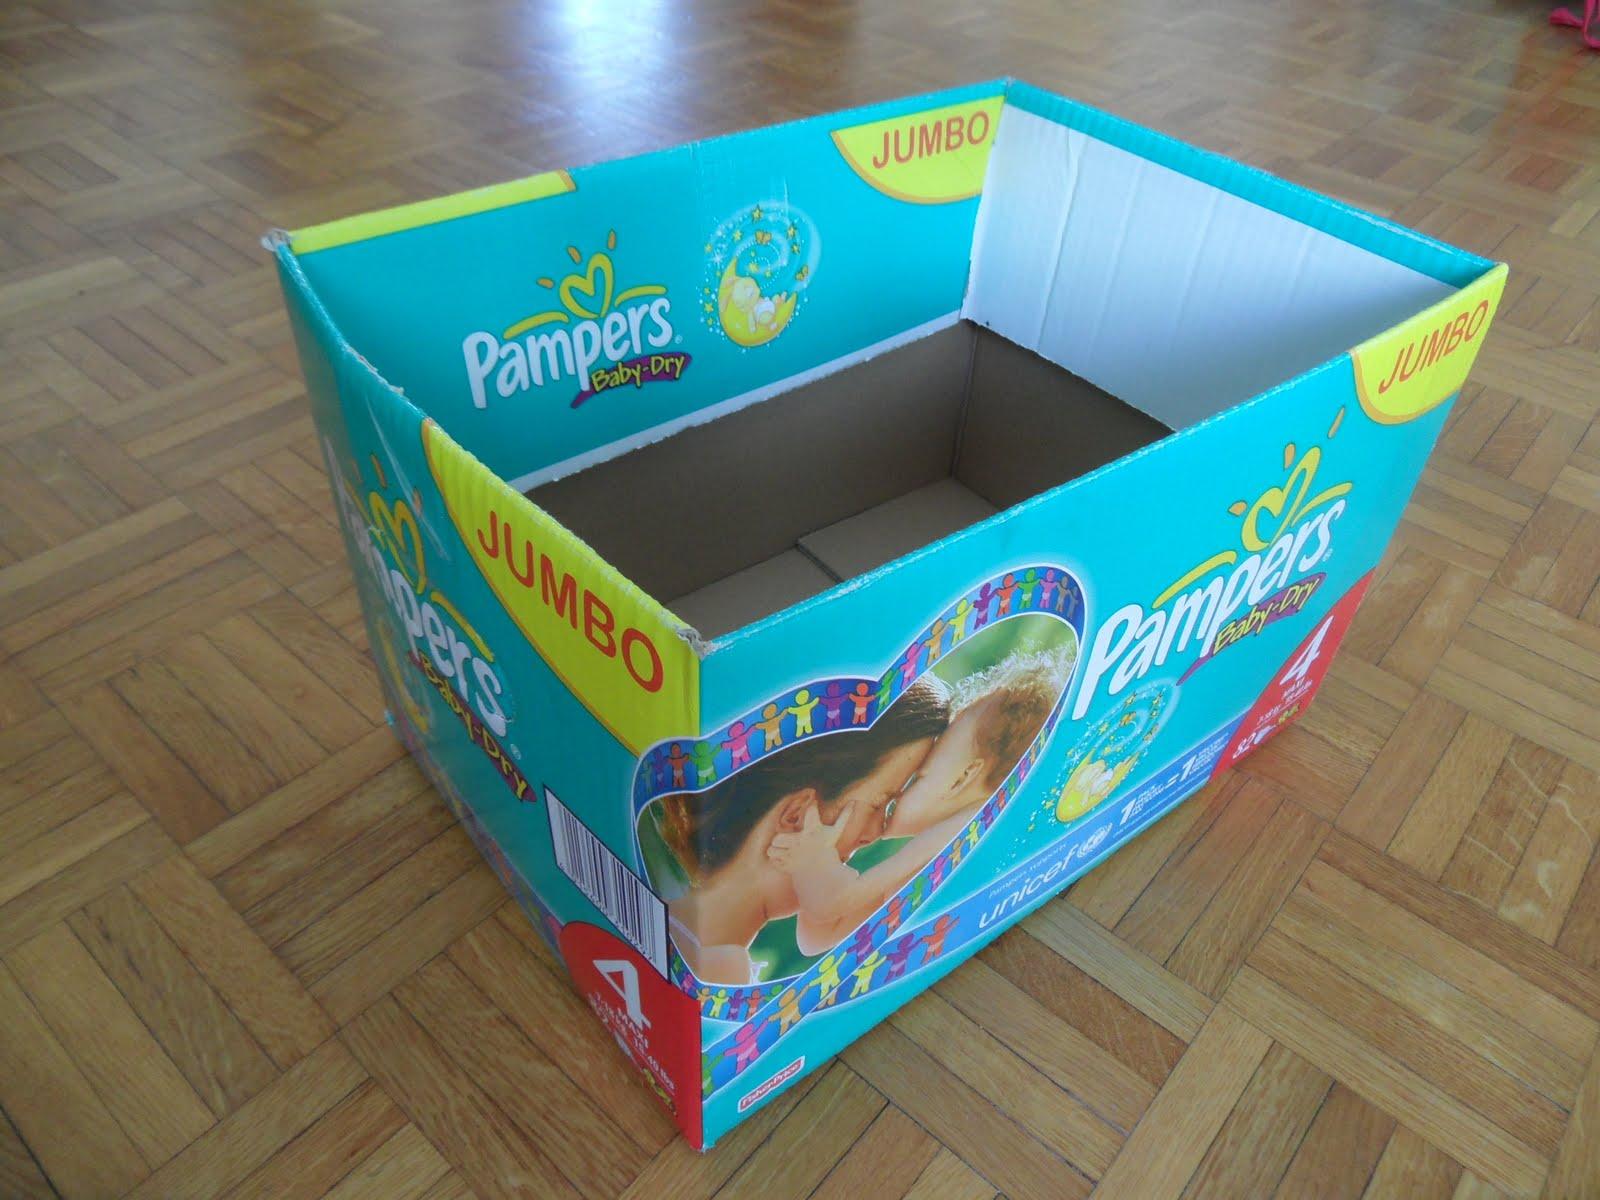 Cmo Decorar Cajas Como Decorar Caja De Regalos Para Baby Shower  ~ Cajas De Carton Decorativas Grandes